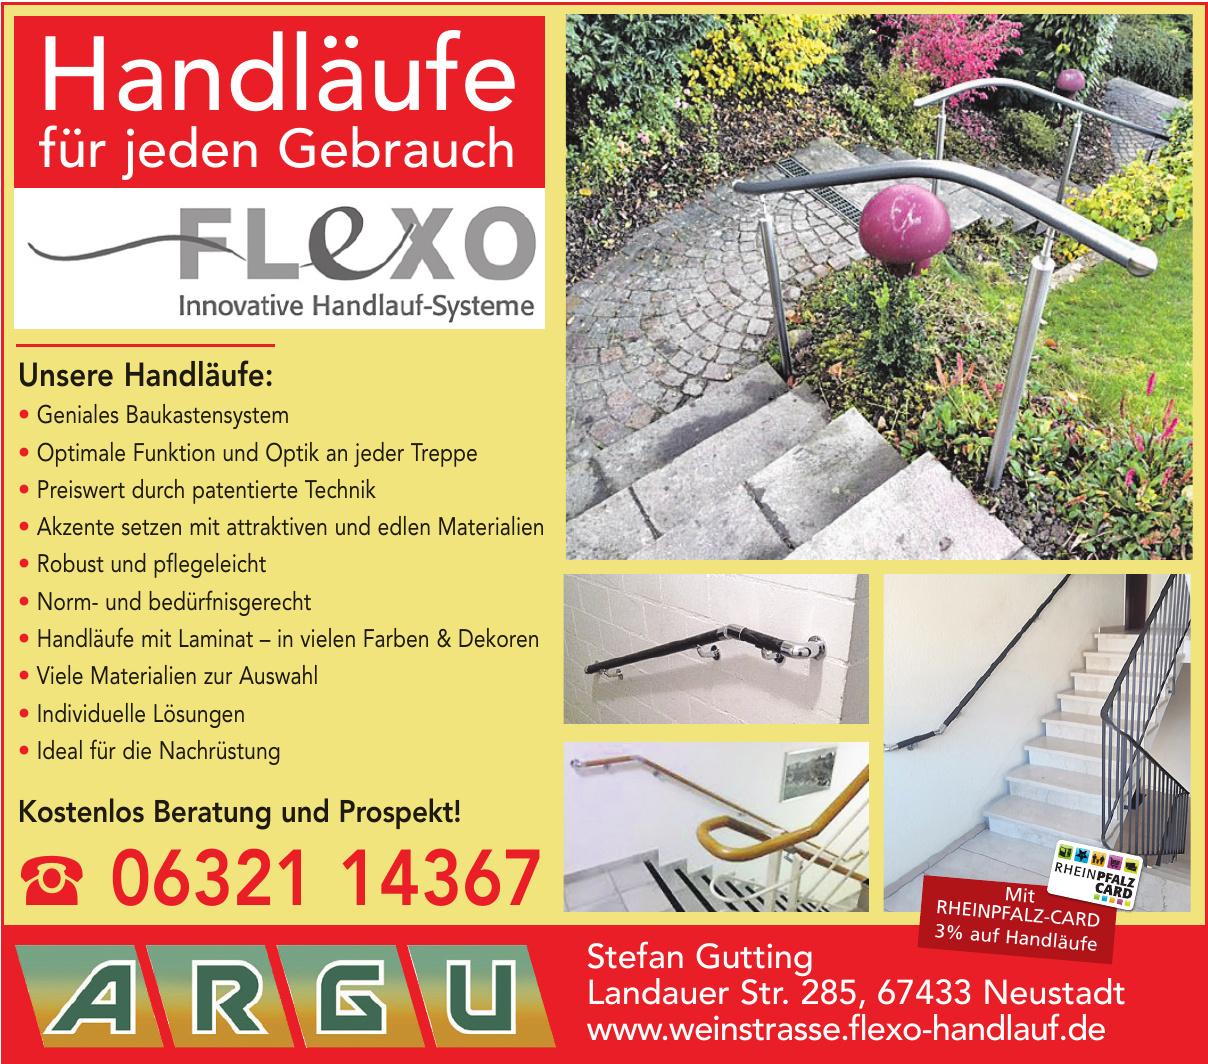 Flexo Handläufe